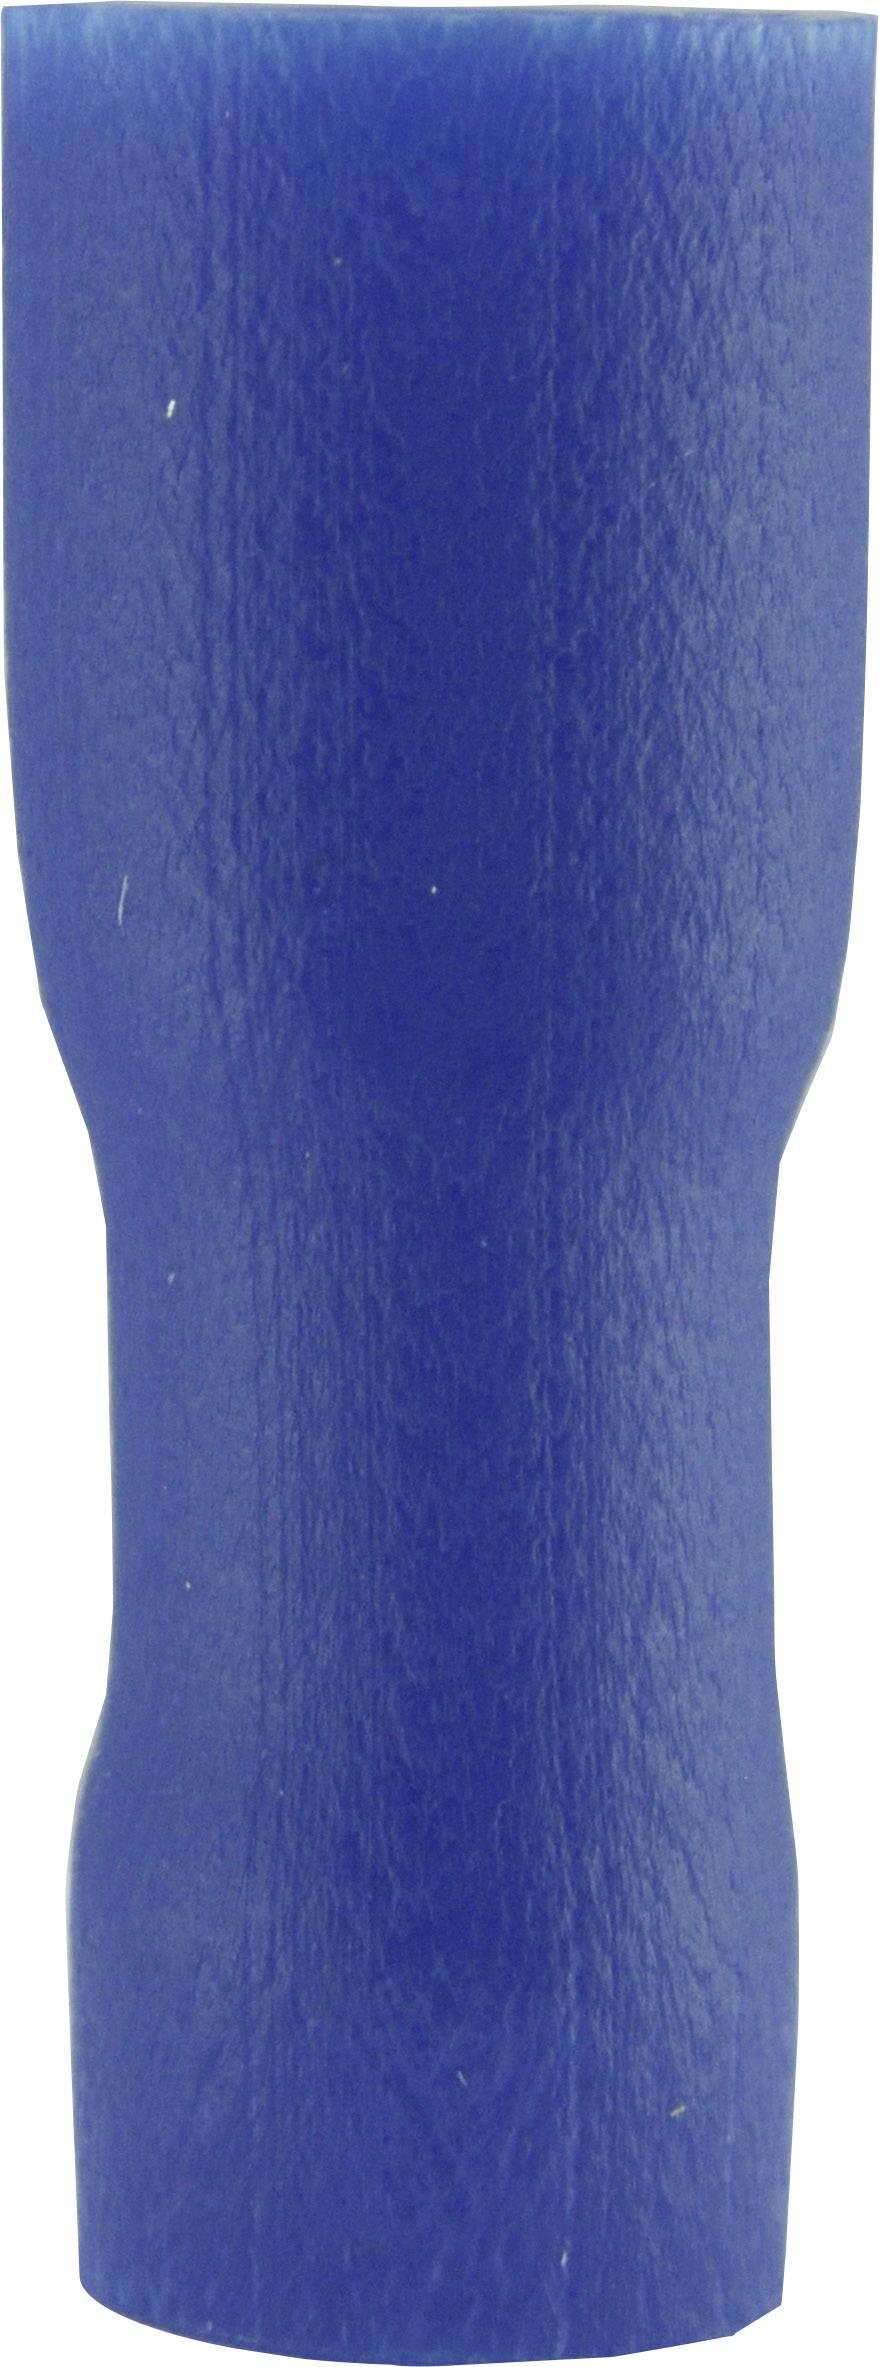 Faston konektor zásuvka Vogt Verbindungstechnik 396208 4.8 mm x 0.8 mm, 180 °, úplne izolované, modrá, 1 ks